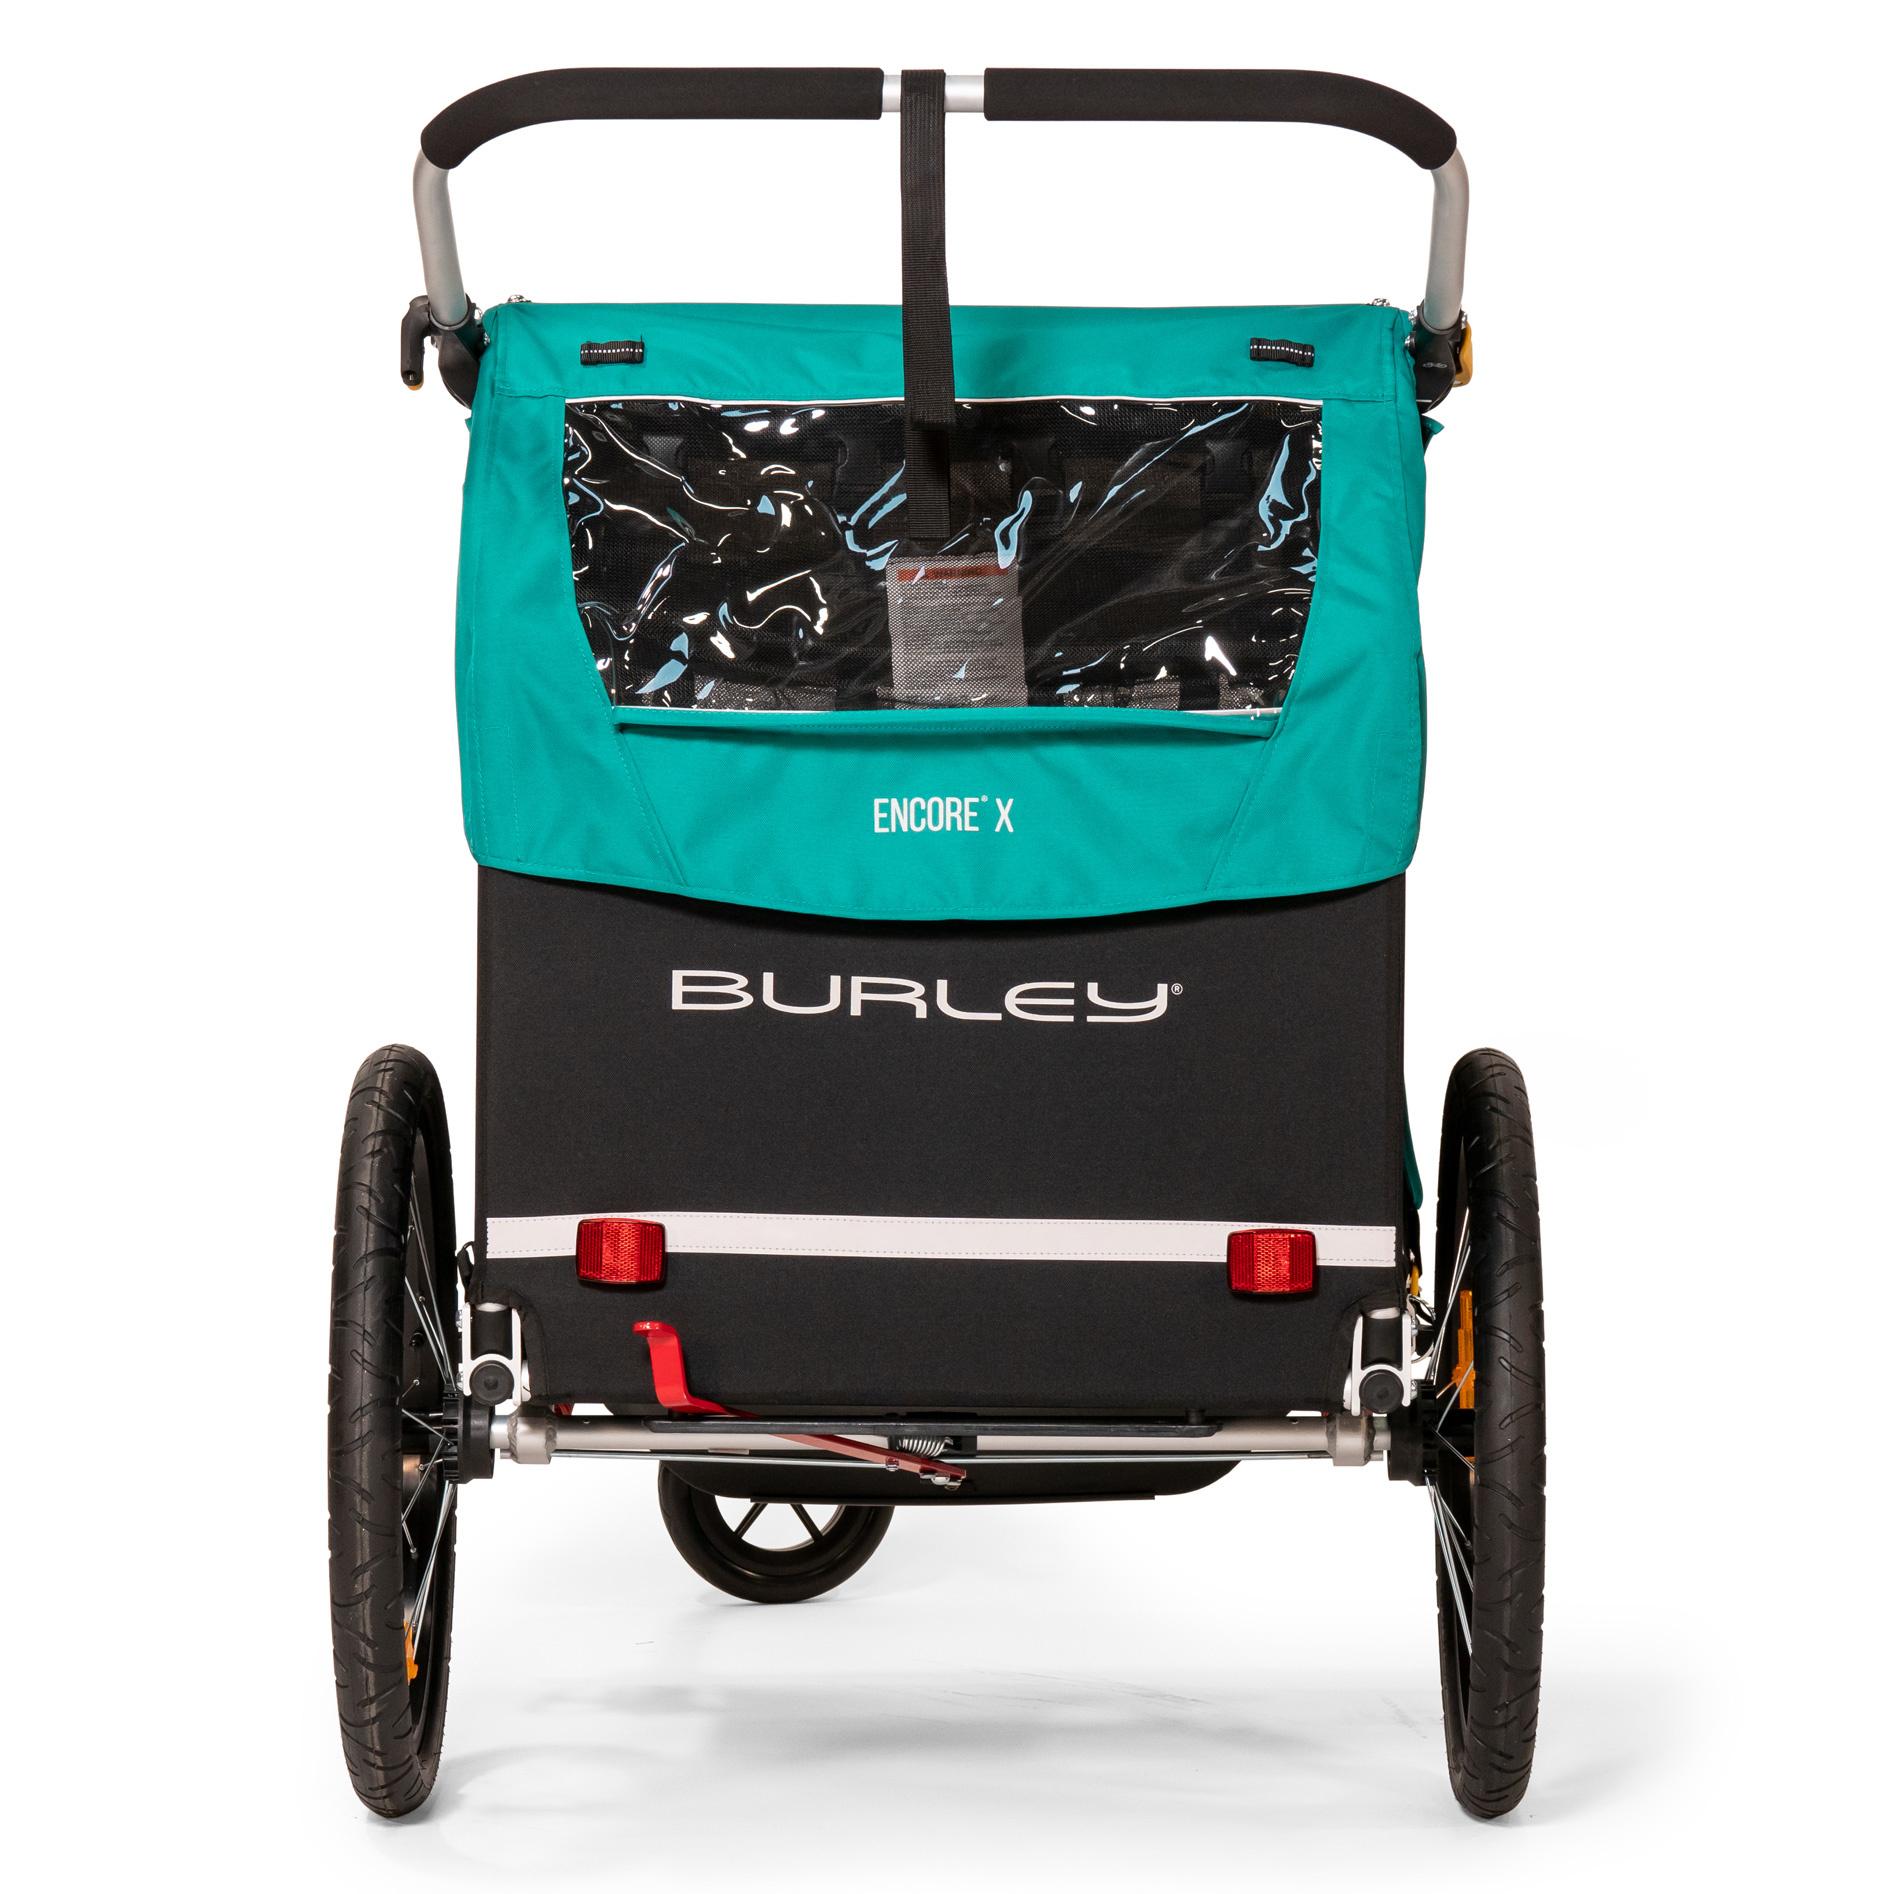 BURLEY Encore X ,Turqoise-2